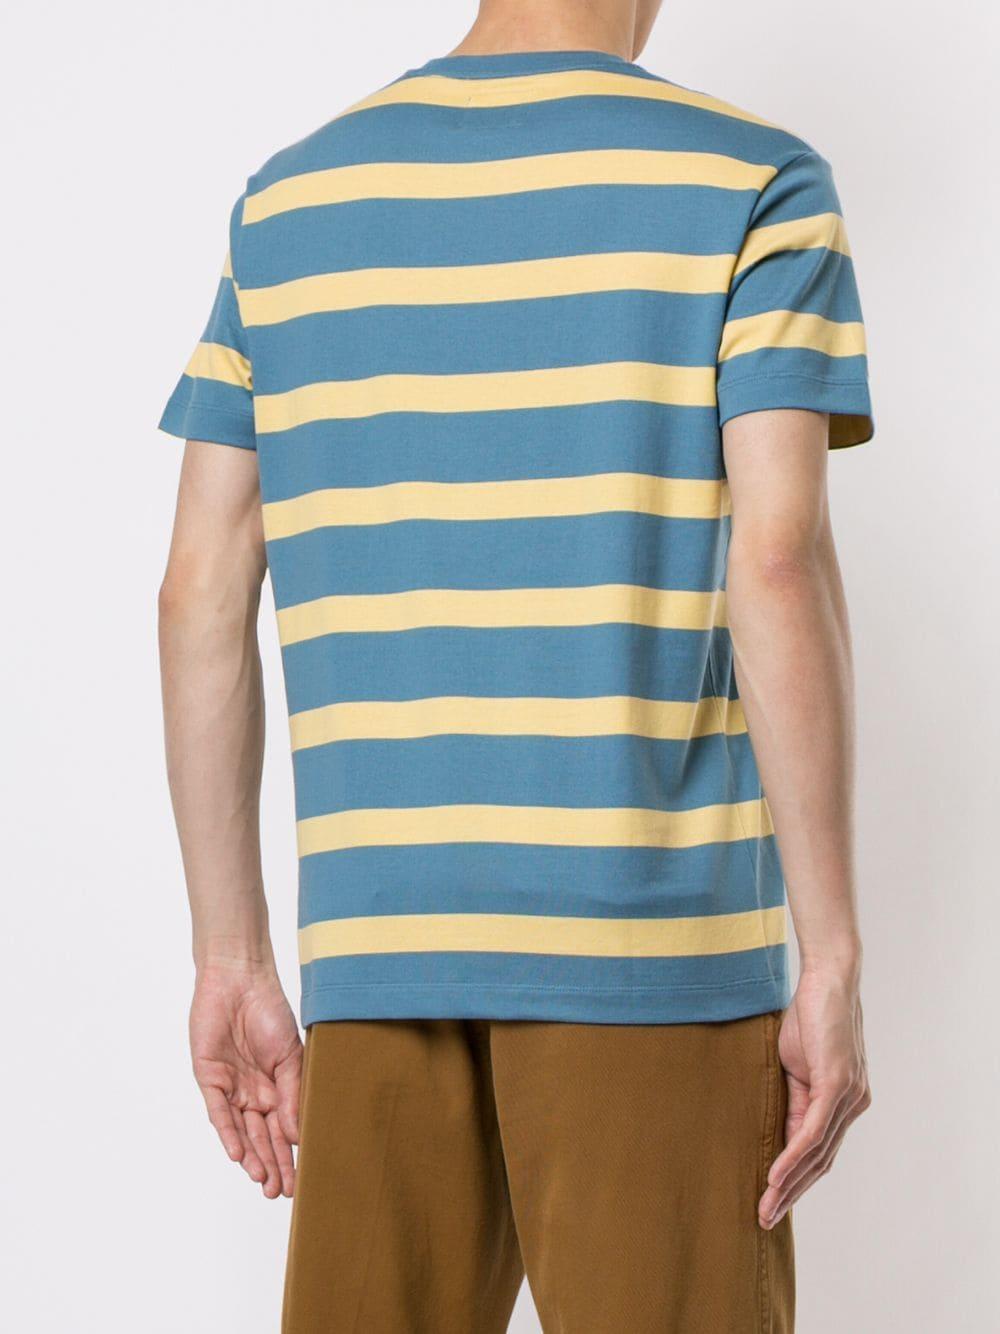 Kent & Curwen Katoen Striped T-shirt in het Blauw voor heren